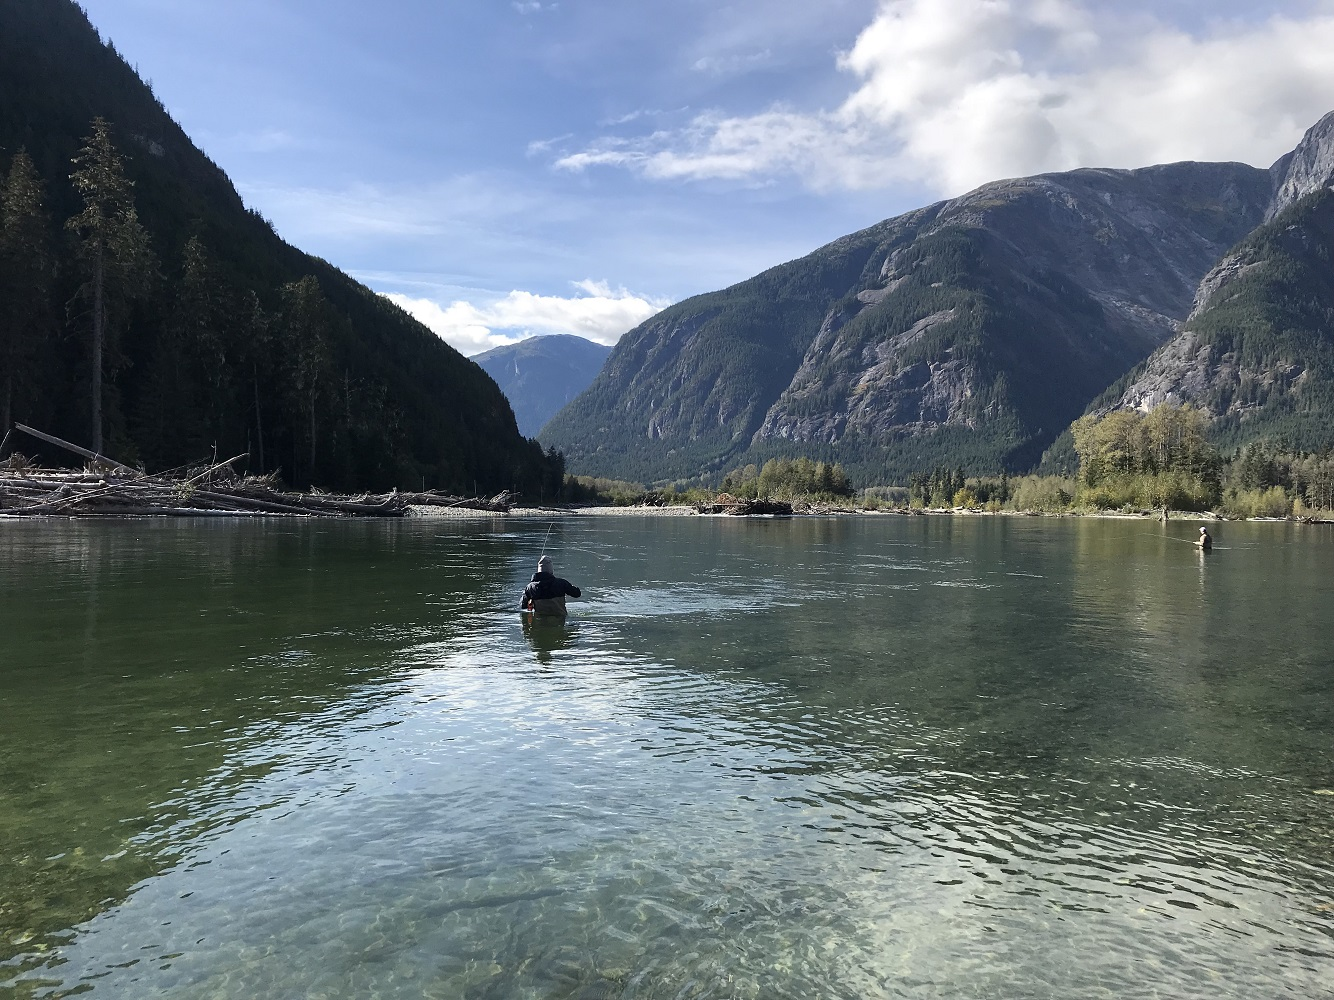 kanada canada britishcolumbia flyfishing perhokalastus flugfiske salmon steelhead hopealohi cohosalmon kalastus kalastusmatka fishmaster